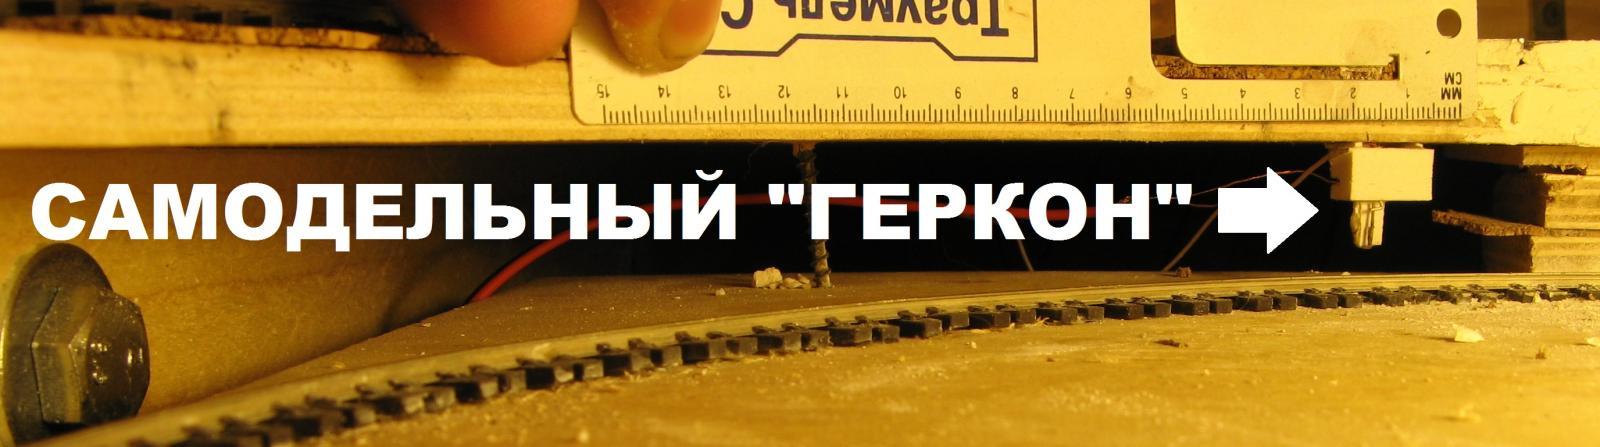 Нажмите на изображение для увеличения Название: Безымянный13.jpg Просмотров: 908 Размер: 90.3 Кб ID: 41267